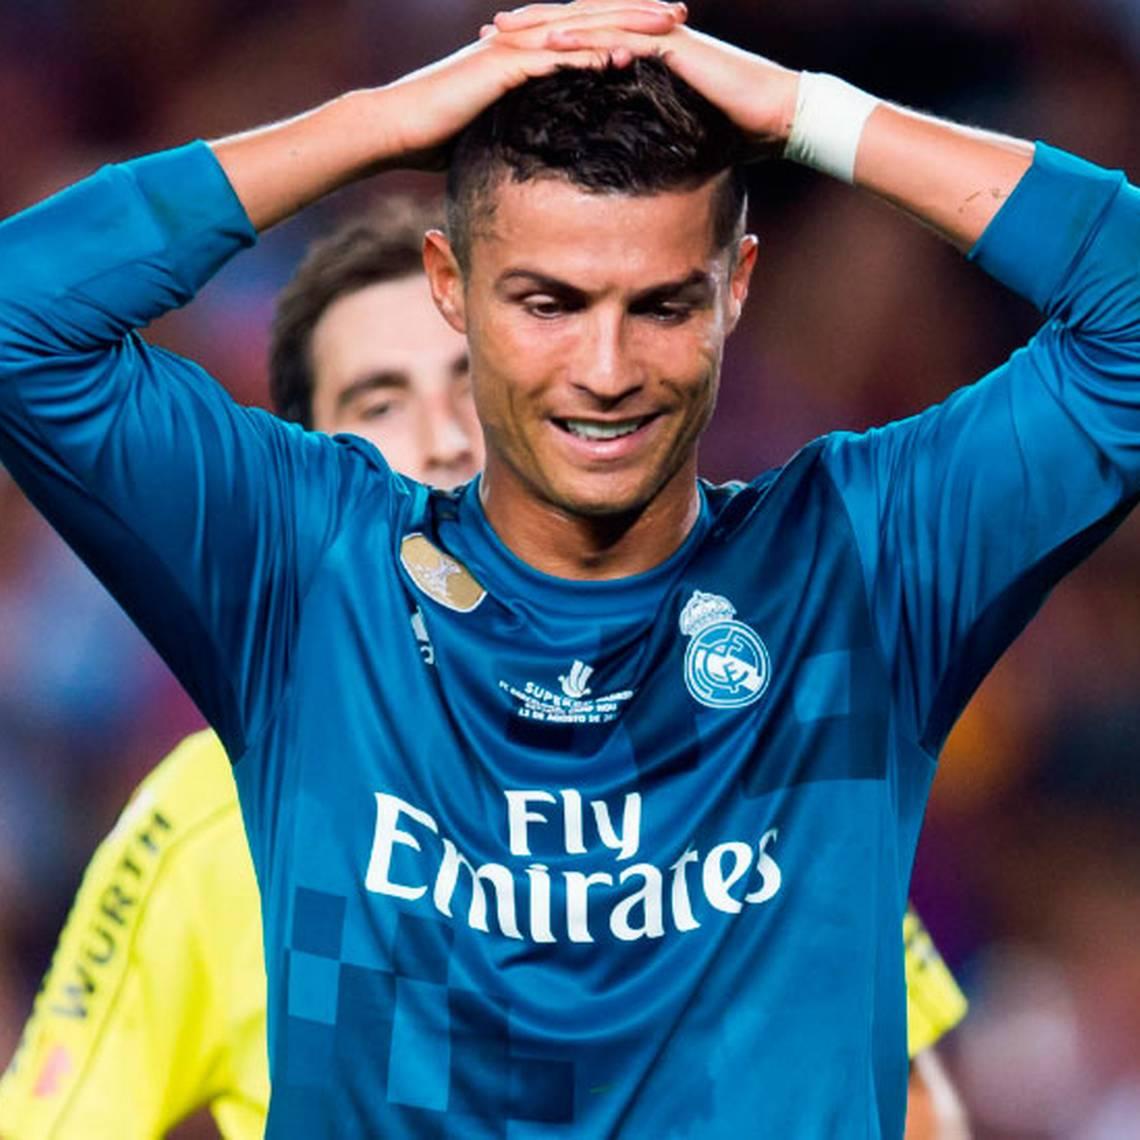 El recado de Cristiano Ronaldo tras suspensión por cinco partidos